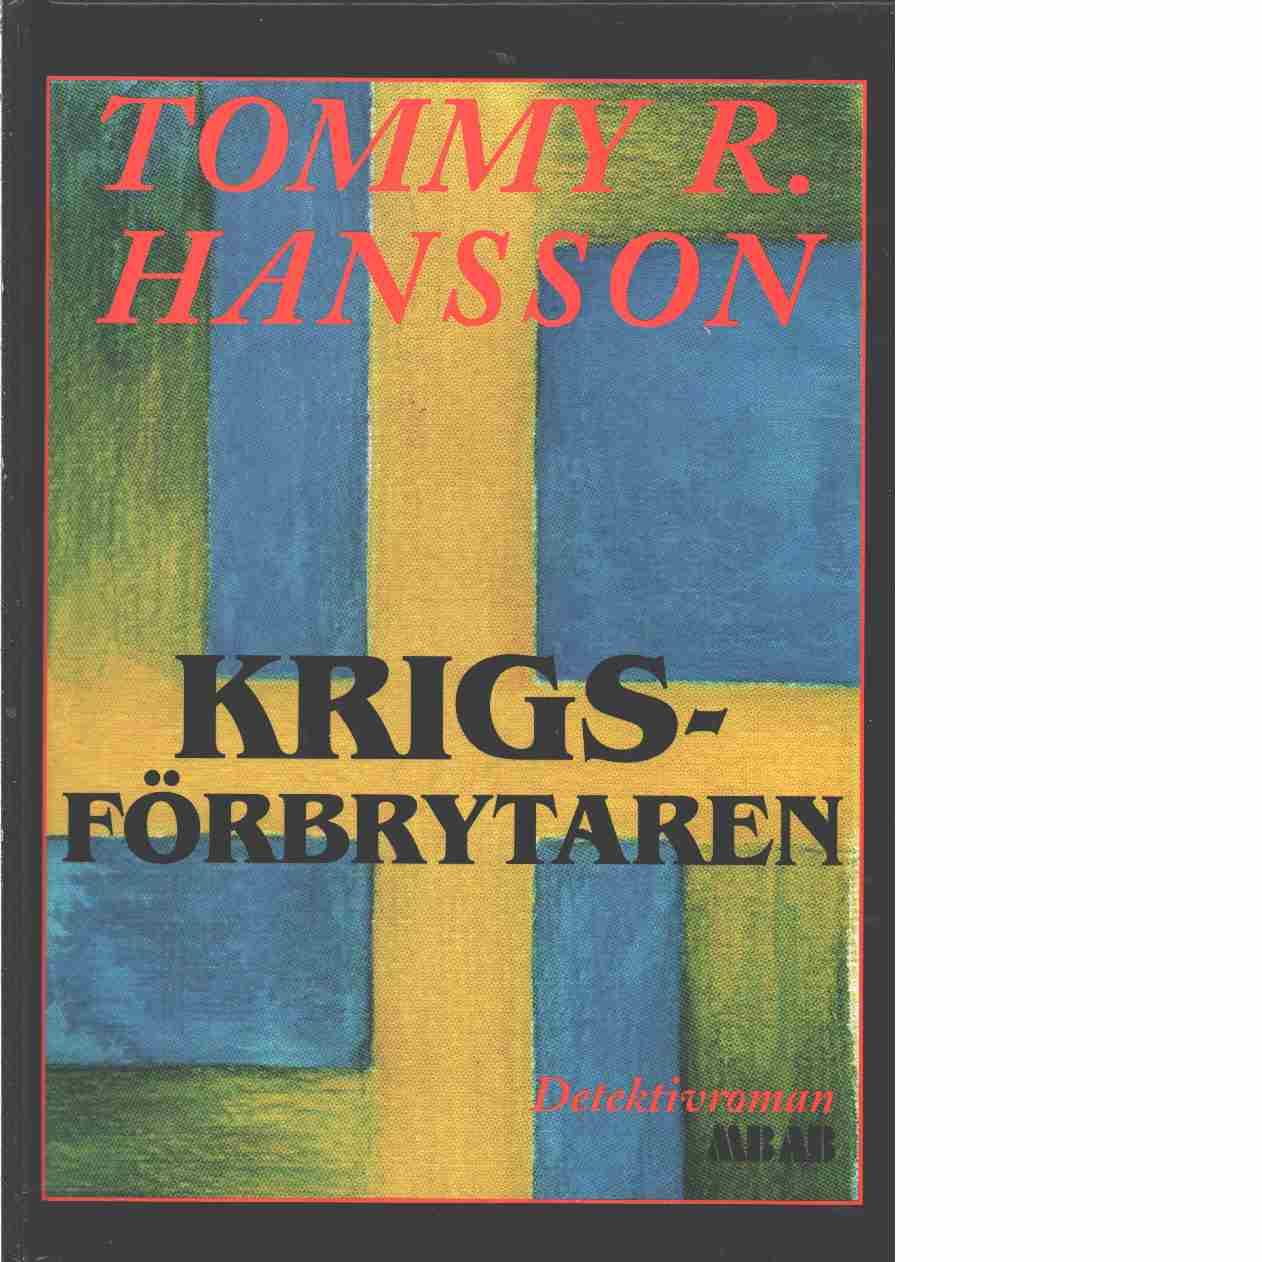 Krigsförbrytaren - Hansson, Tommy R.